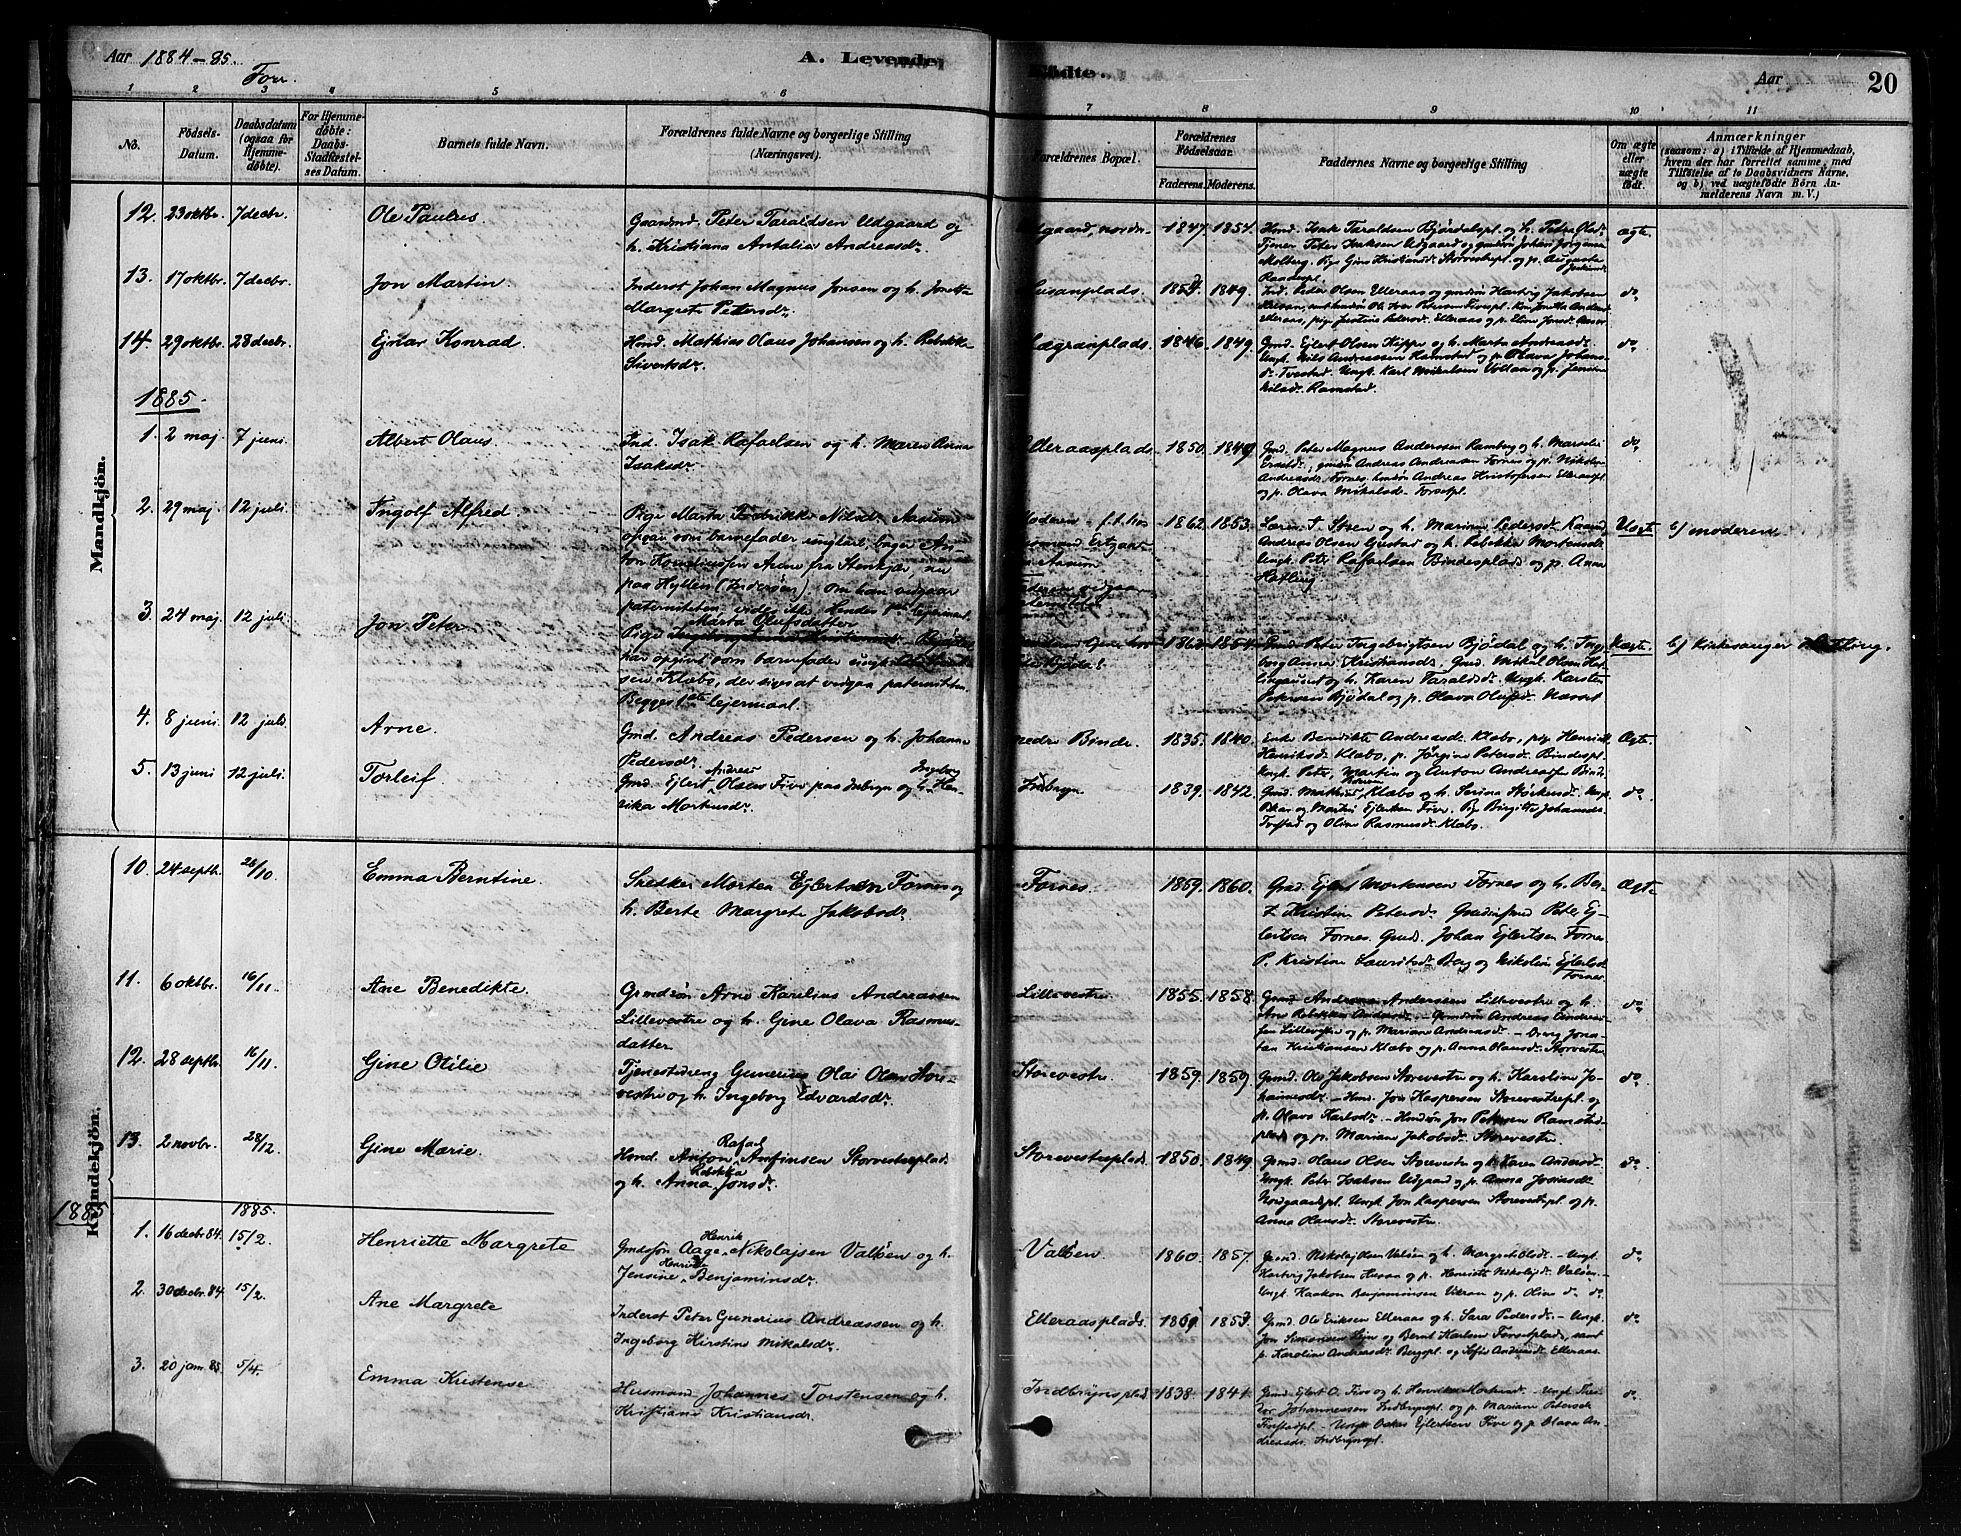 SAT, Ministerialprotokoller, klokkerbøker og fødselsregistre - Nord-Trøndelag, 746/L0448: Ministerialbok nr. 746A07 /1, 1878-1900, s. 20